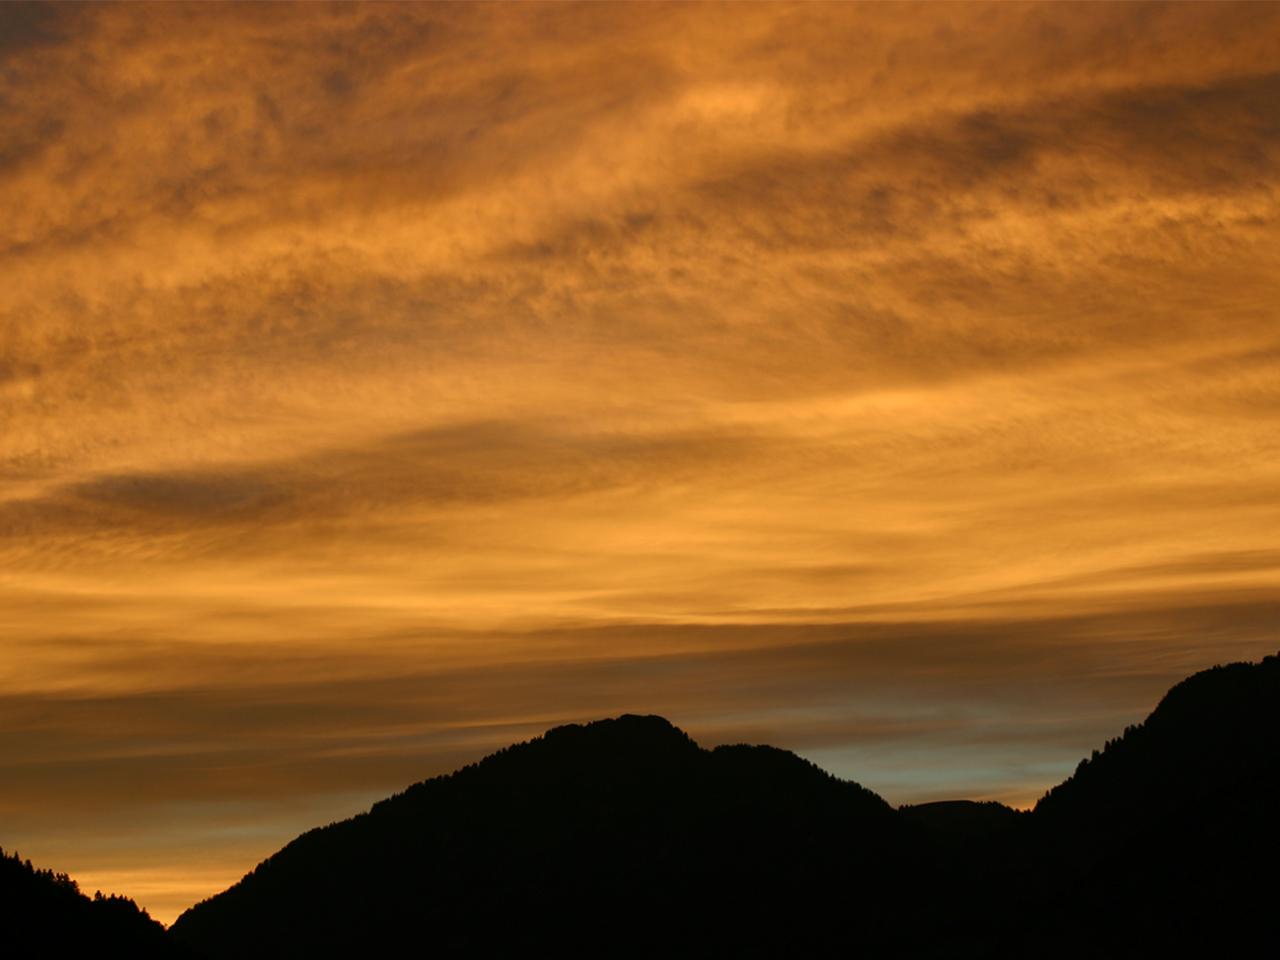 Omgeving - Wolken en ondergaande zon